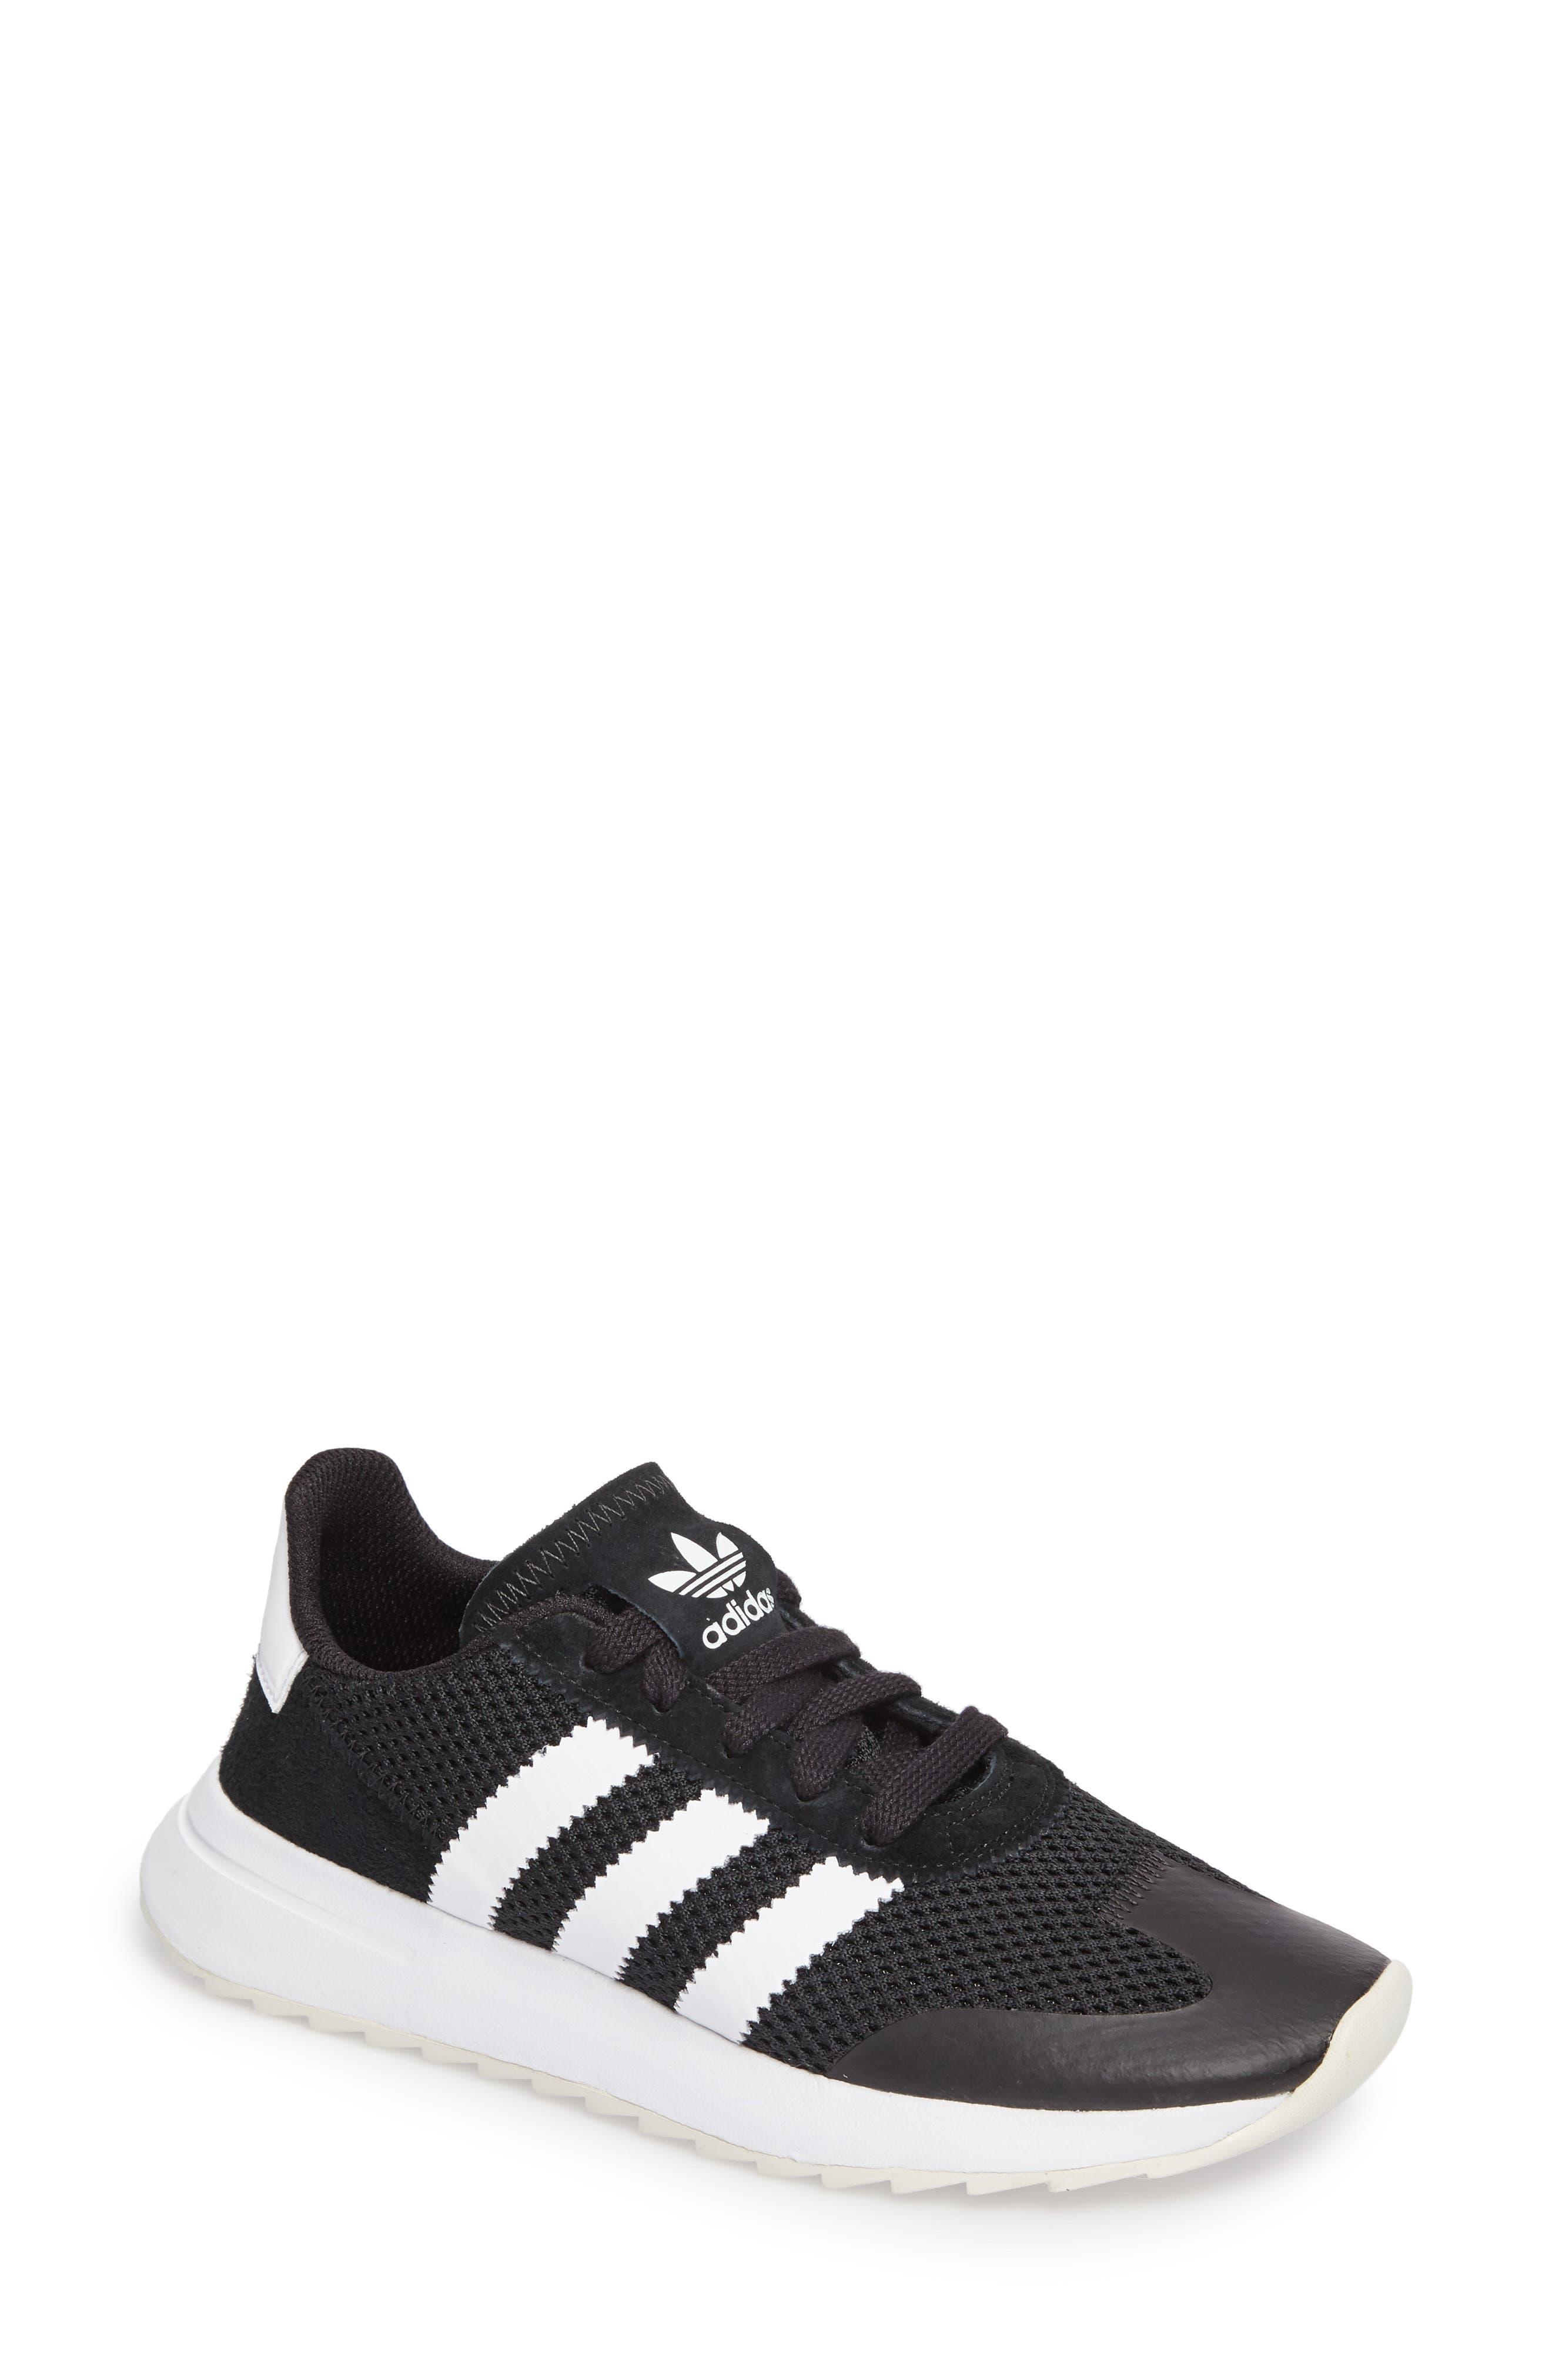 ADIDAS, Flashback Sneaker, Main thumbnail 1, color, 001